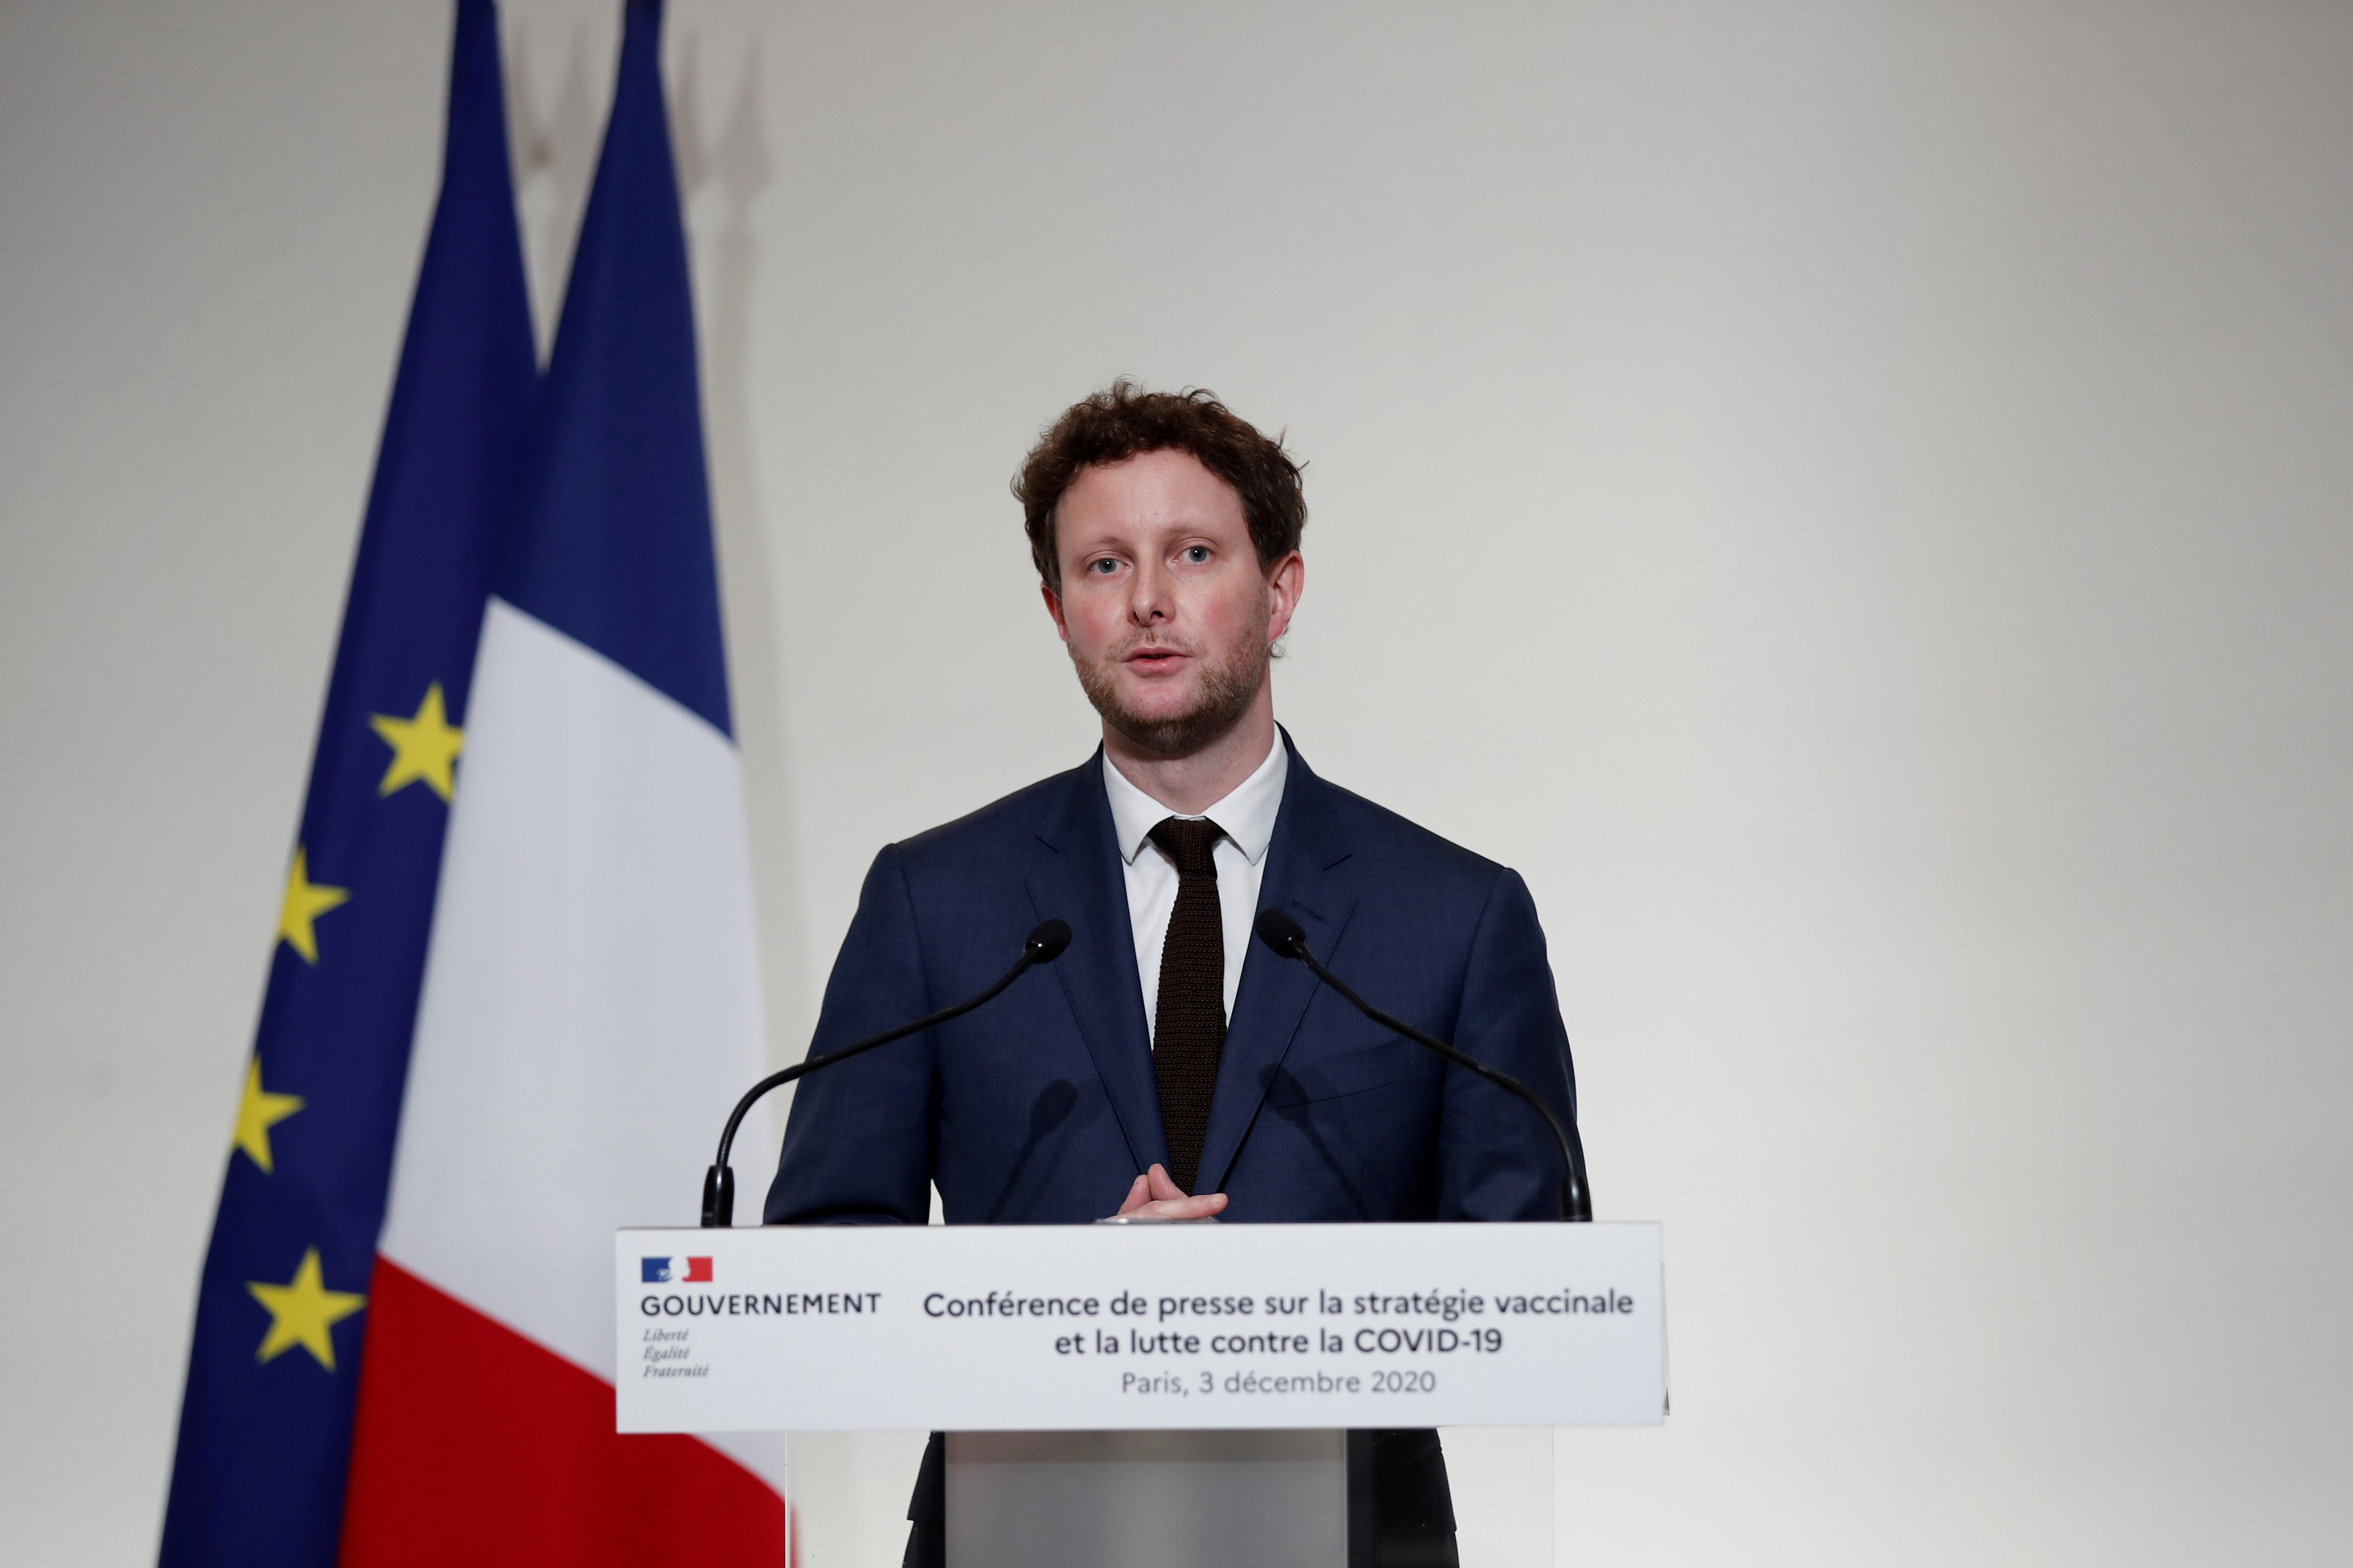 Եվրոպական գործերով Ֆրանսիայի կրտսեր նախարար Կլեմենտ Բոնը մամուլի ասուլիսի ժամանակ նախանշեց Փարիզում COVID-19 ապագա պատվաստանյութեր տեղակայելու Ֆրանսիայի ռազմավարությունը, քանի որ Ֆրանսիայում կորոնավիրուսի հիվանդության բռնկումը շարունակվում է, 3 դեկտեմբերի, 2020 թ.: REUTERS / Benoit Tessier / Pool